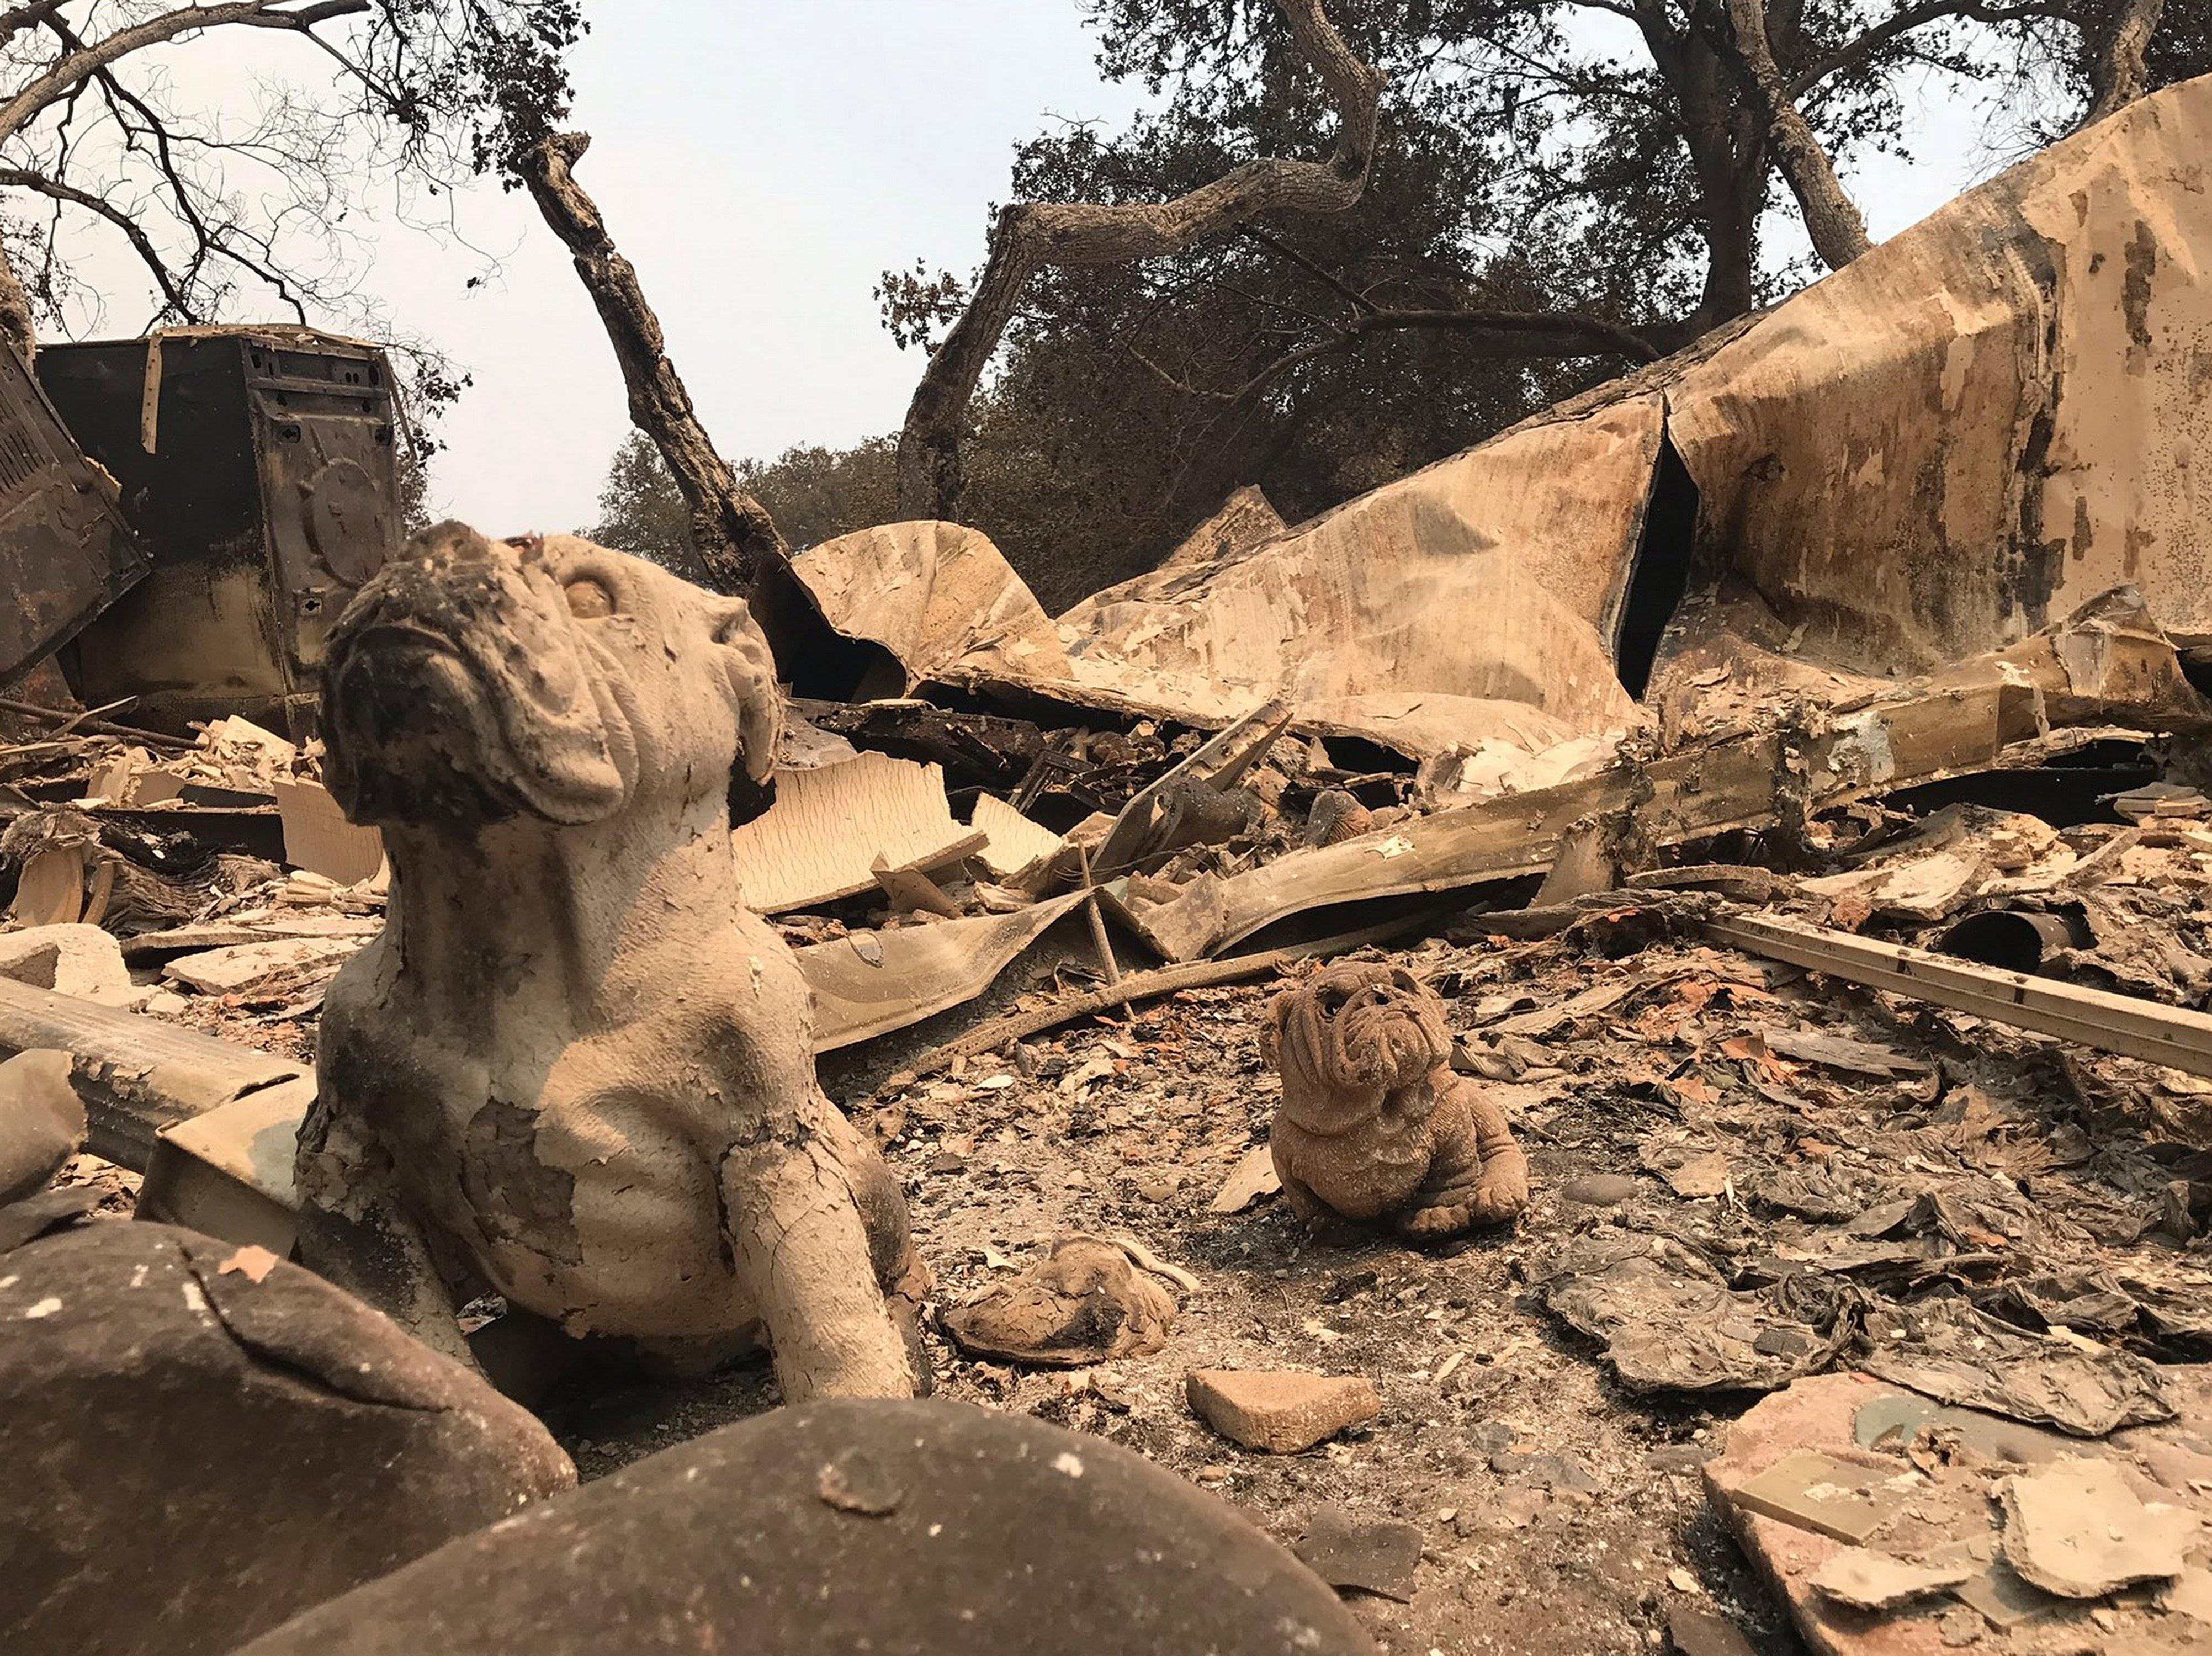 Les altes temperatures als Estats Units i Canadà han provocat incendis forestals en diversos estats i províncies. /MIKE ELIASON